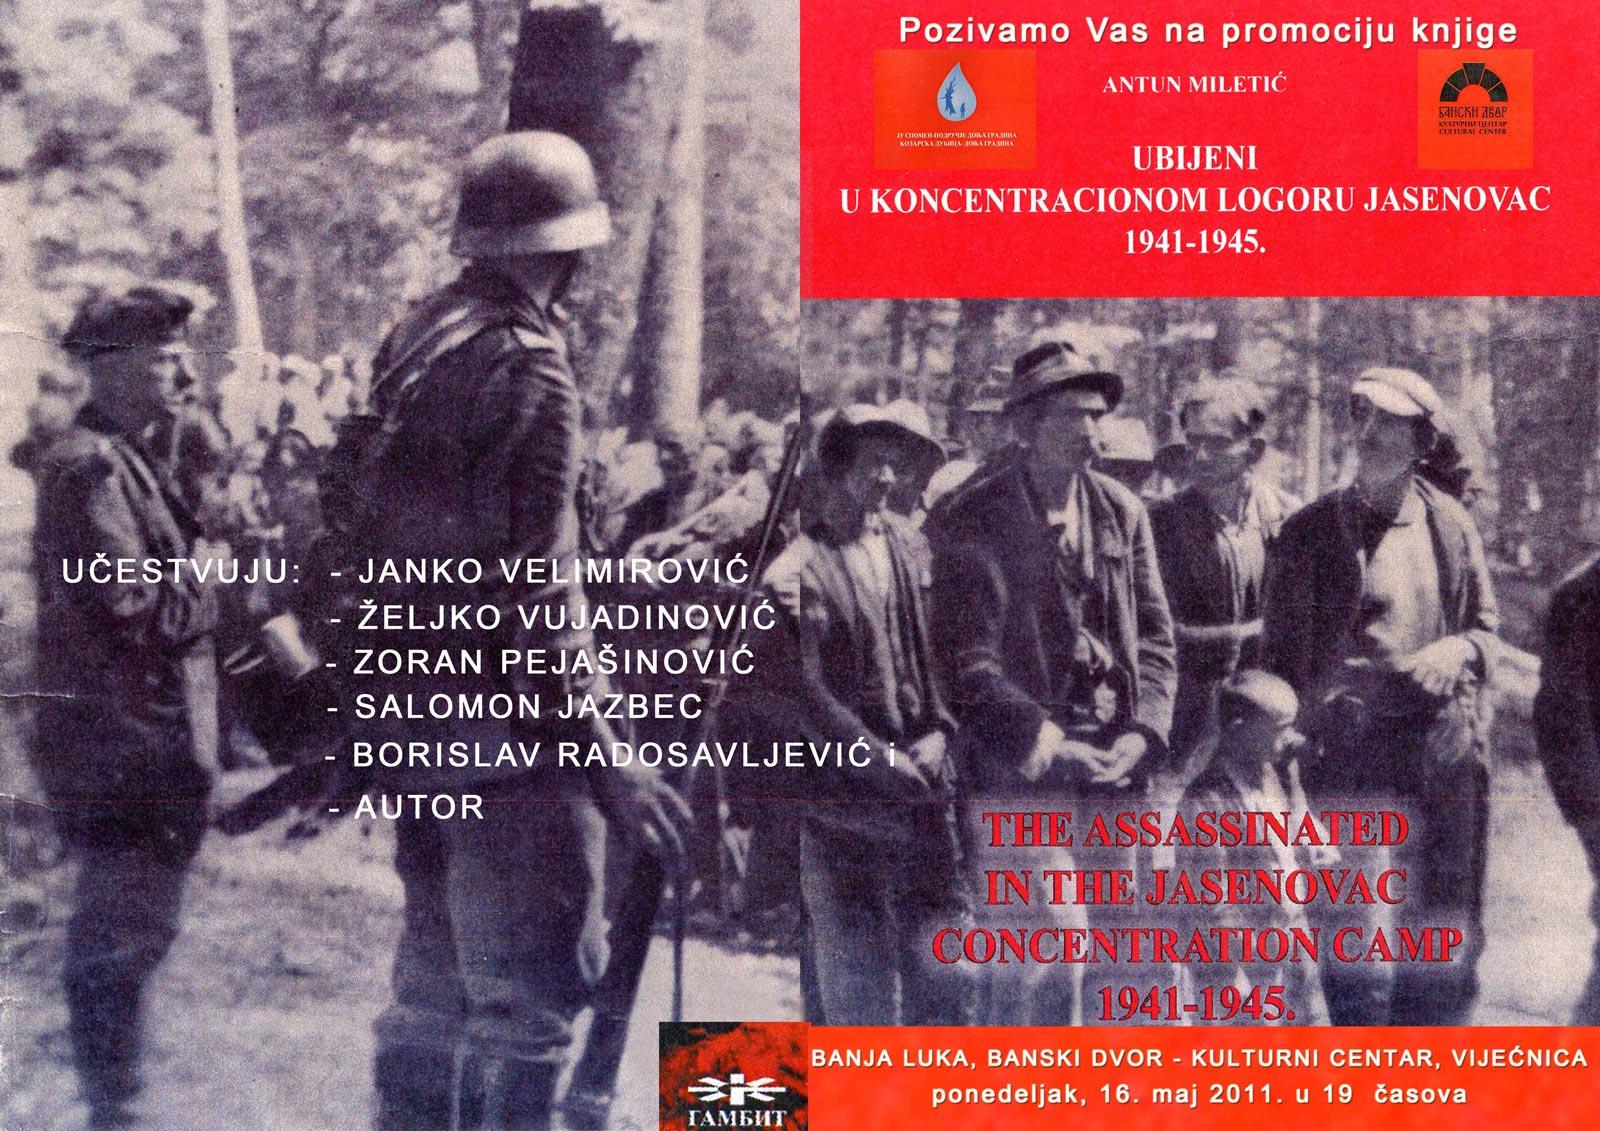 Antun Miletić, Ubijeni u koncentracionom logoru Jasenovac